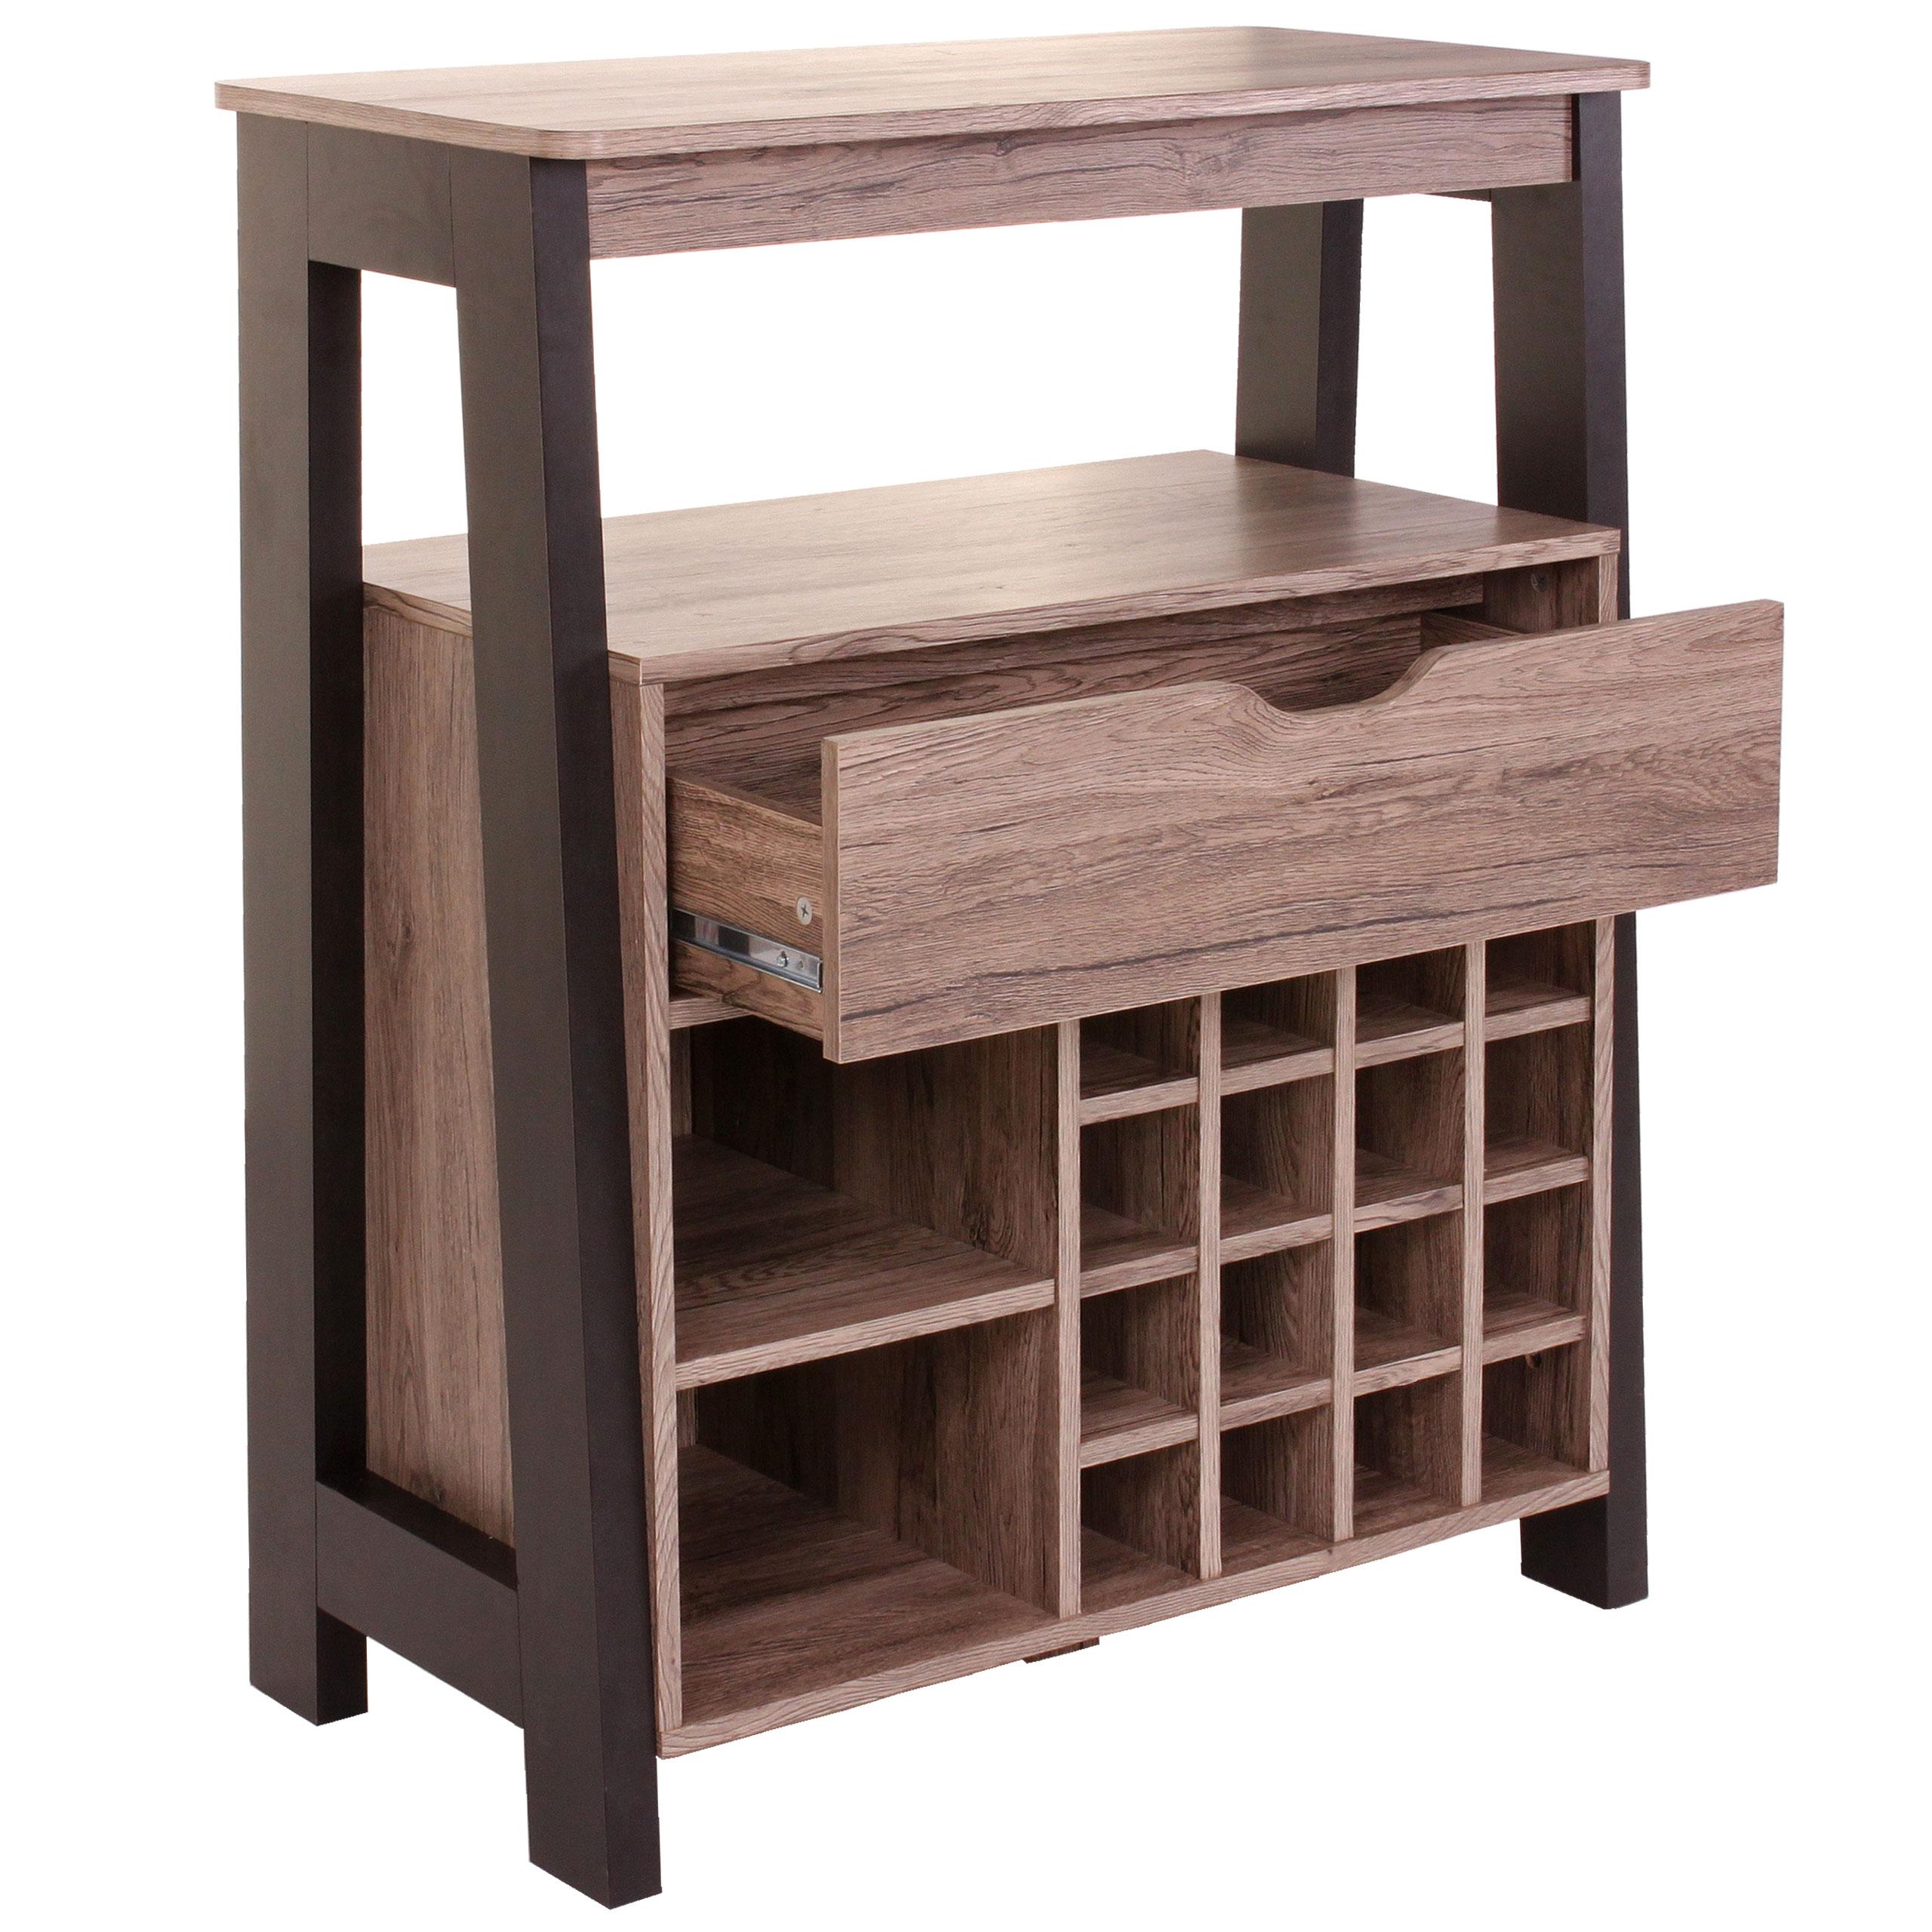 weinregal hwc b57 regal f r 16 flaschen mit schublade 3d. Black Bedroom Furniture Sets. Home Design Ideas